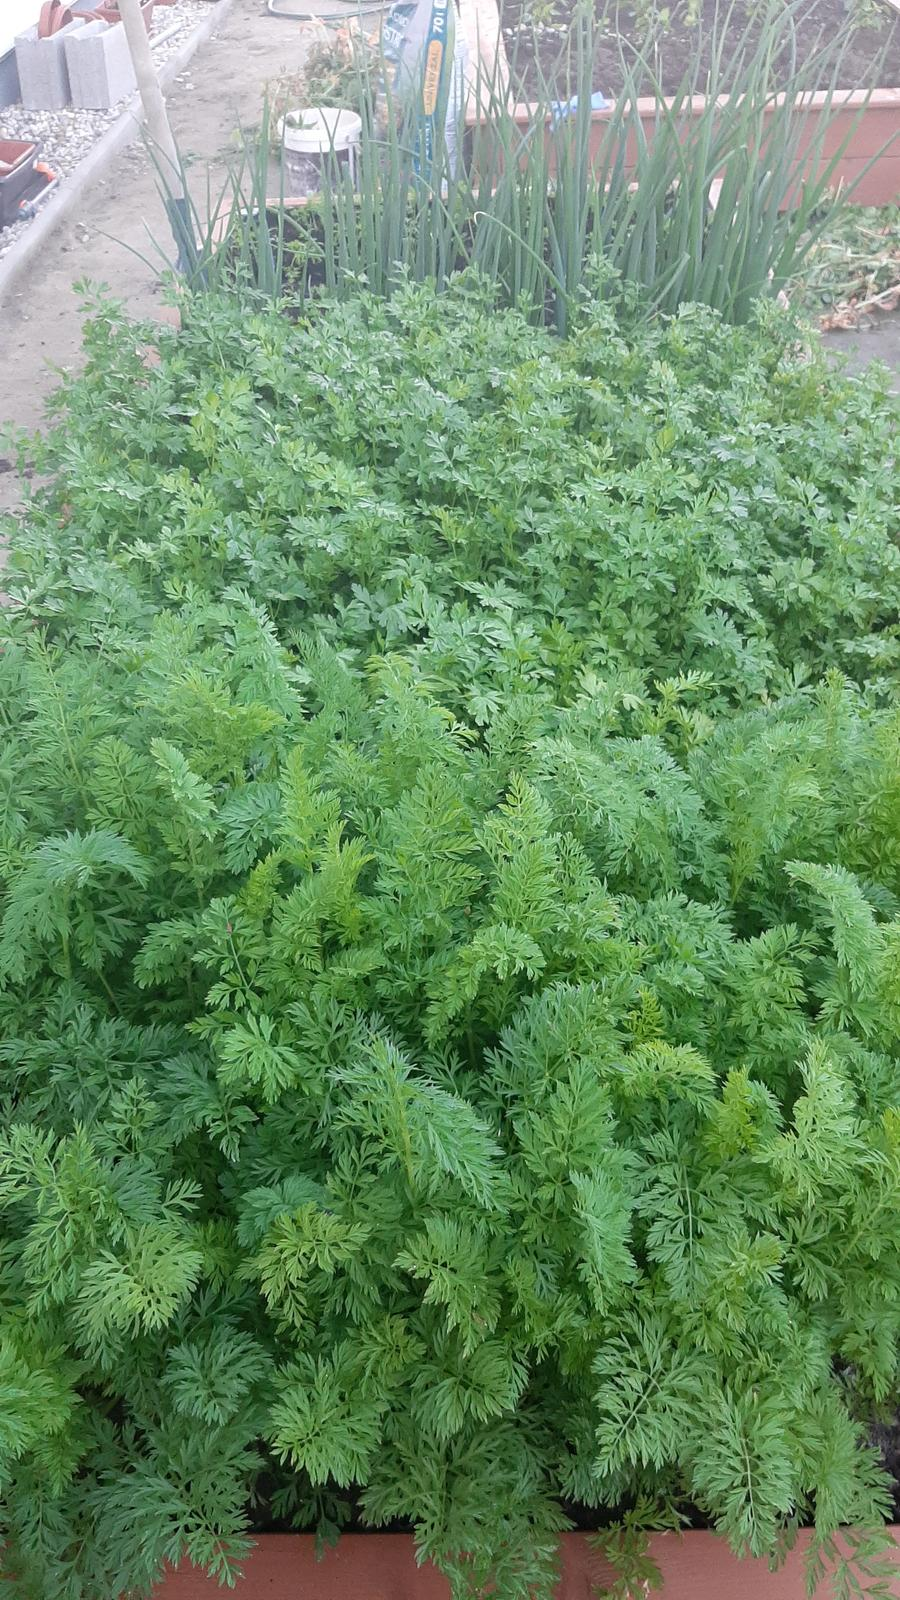 🏠🌞🌺❤🌷 Zahrada a jej dalsi rok...2020 🌱🐞🐛🦋🍓🥕🍅🌺❤ - Zelena dzungla.